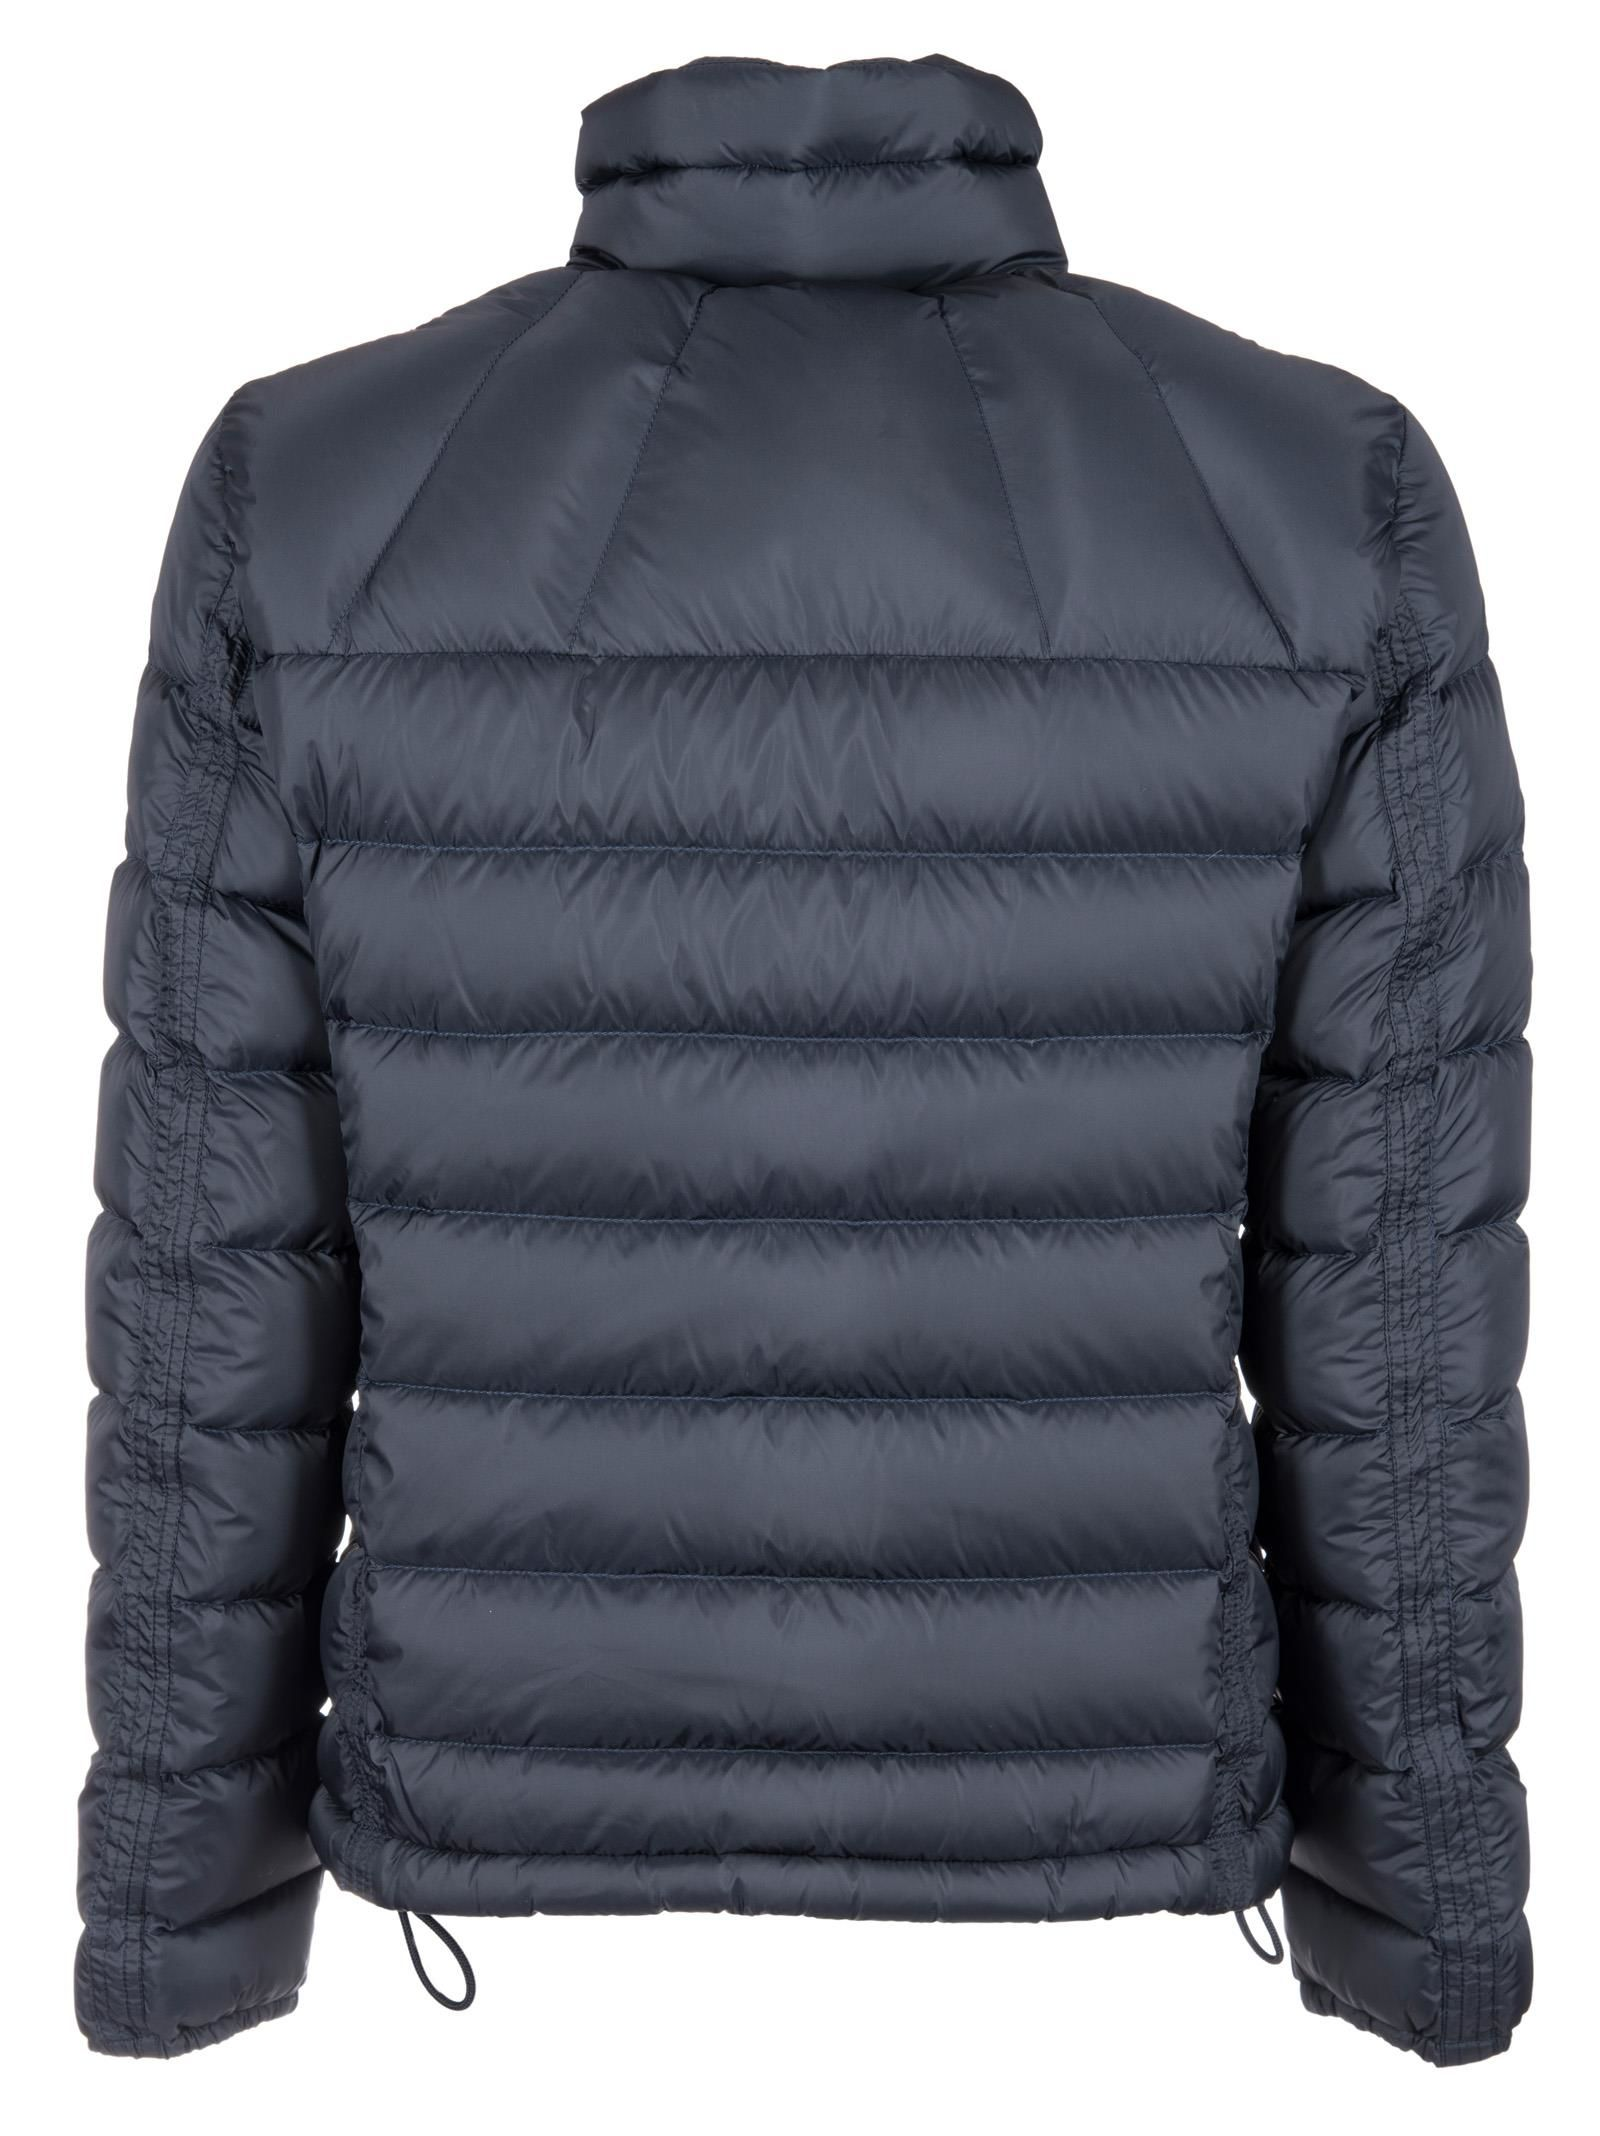 Peuterey Men's Jacket